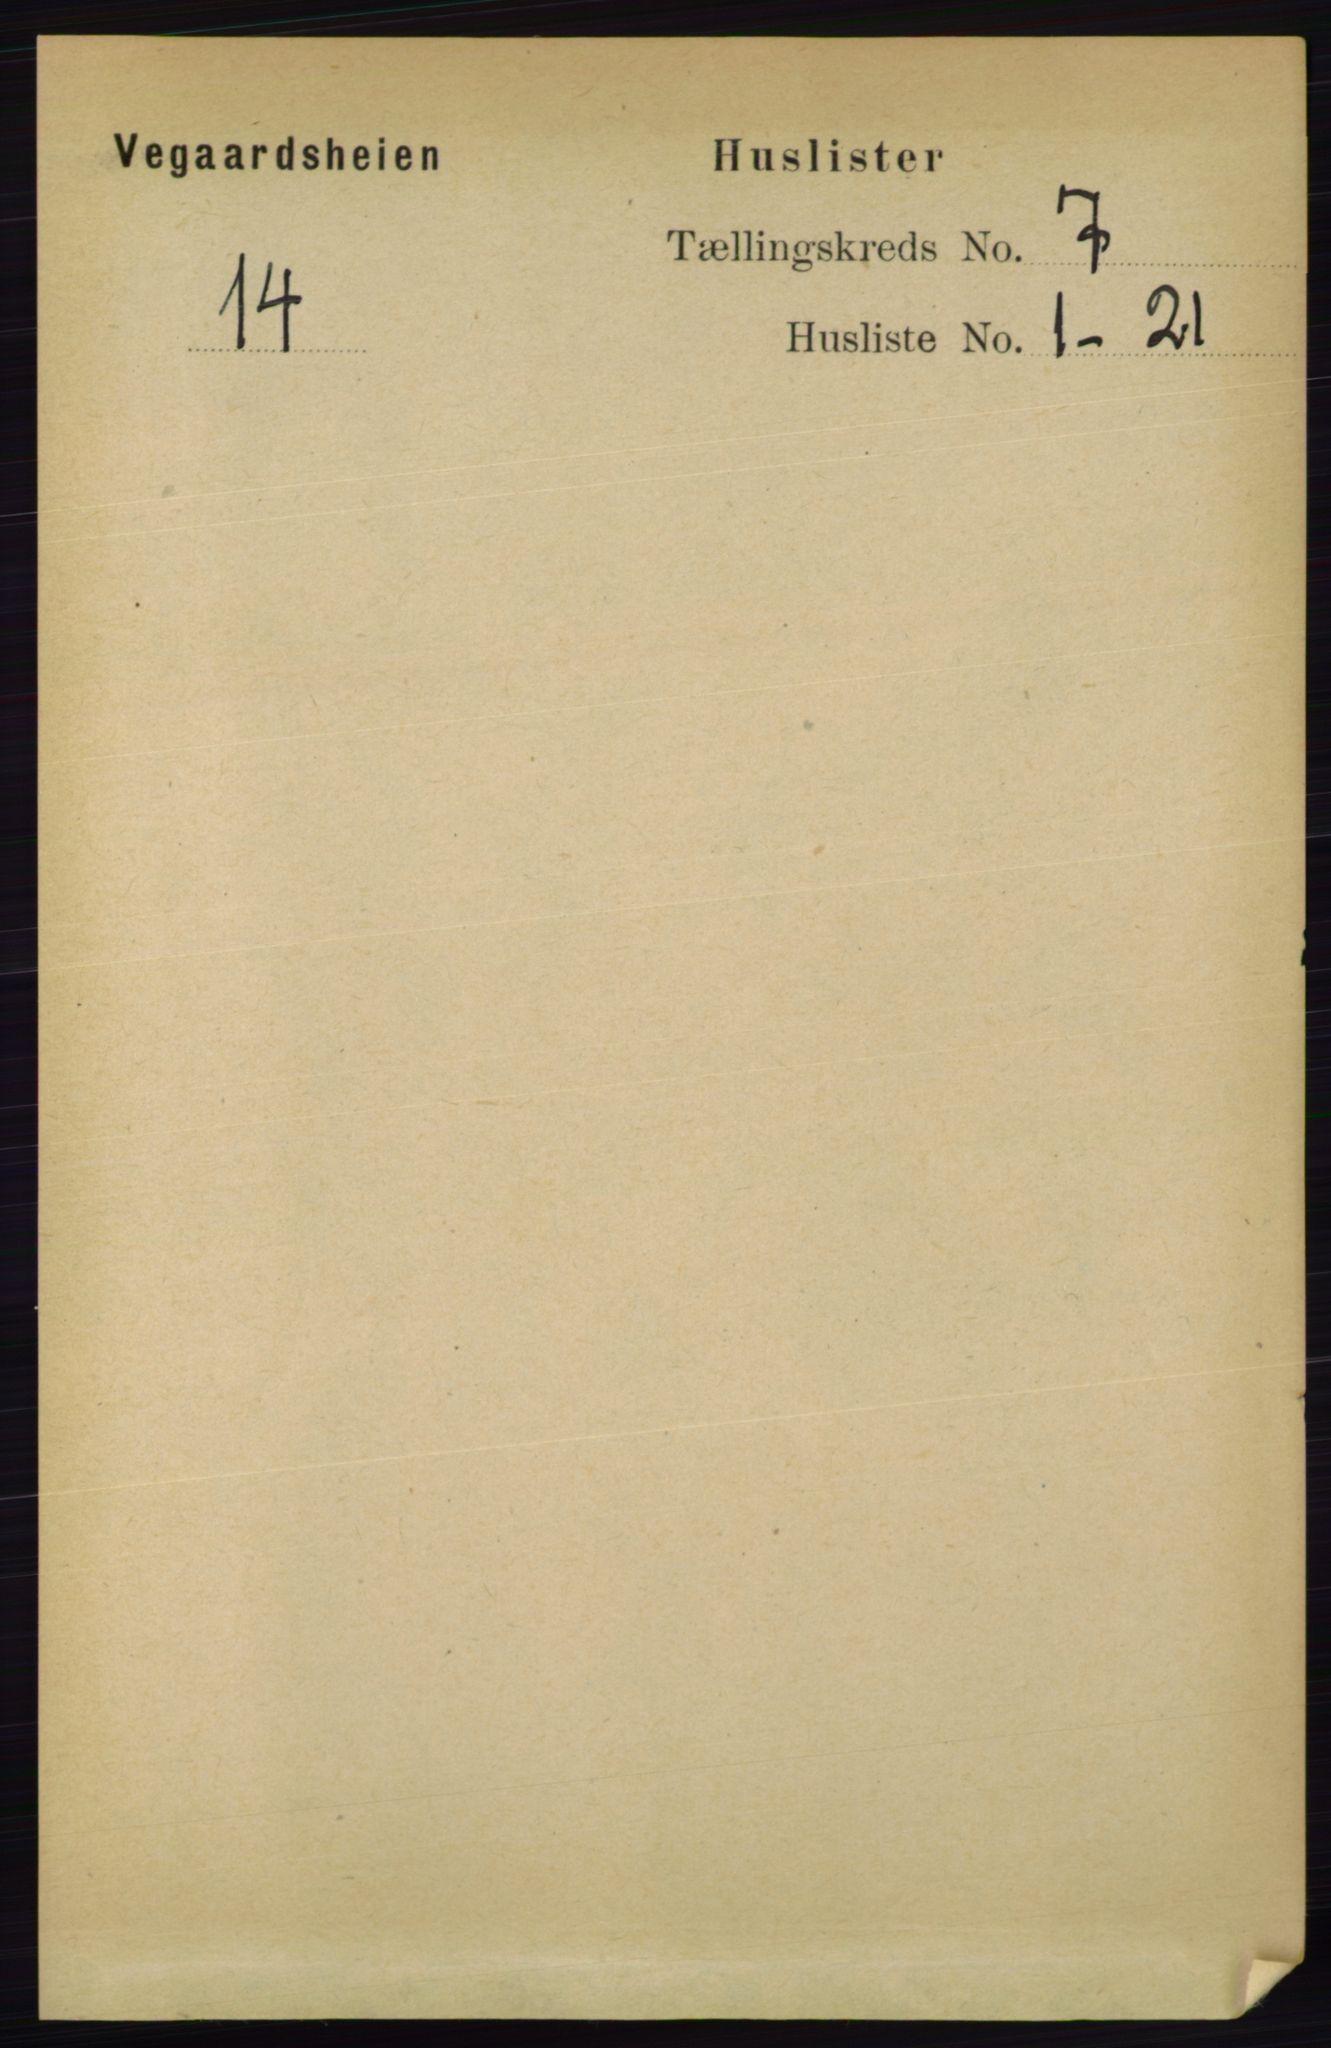 RA, Folketelling 1891 for 0912 Vegårshei herred, 1891, s. 1310